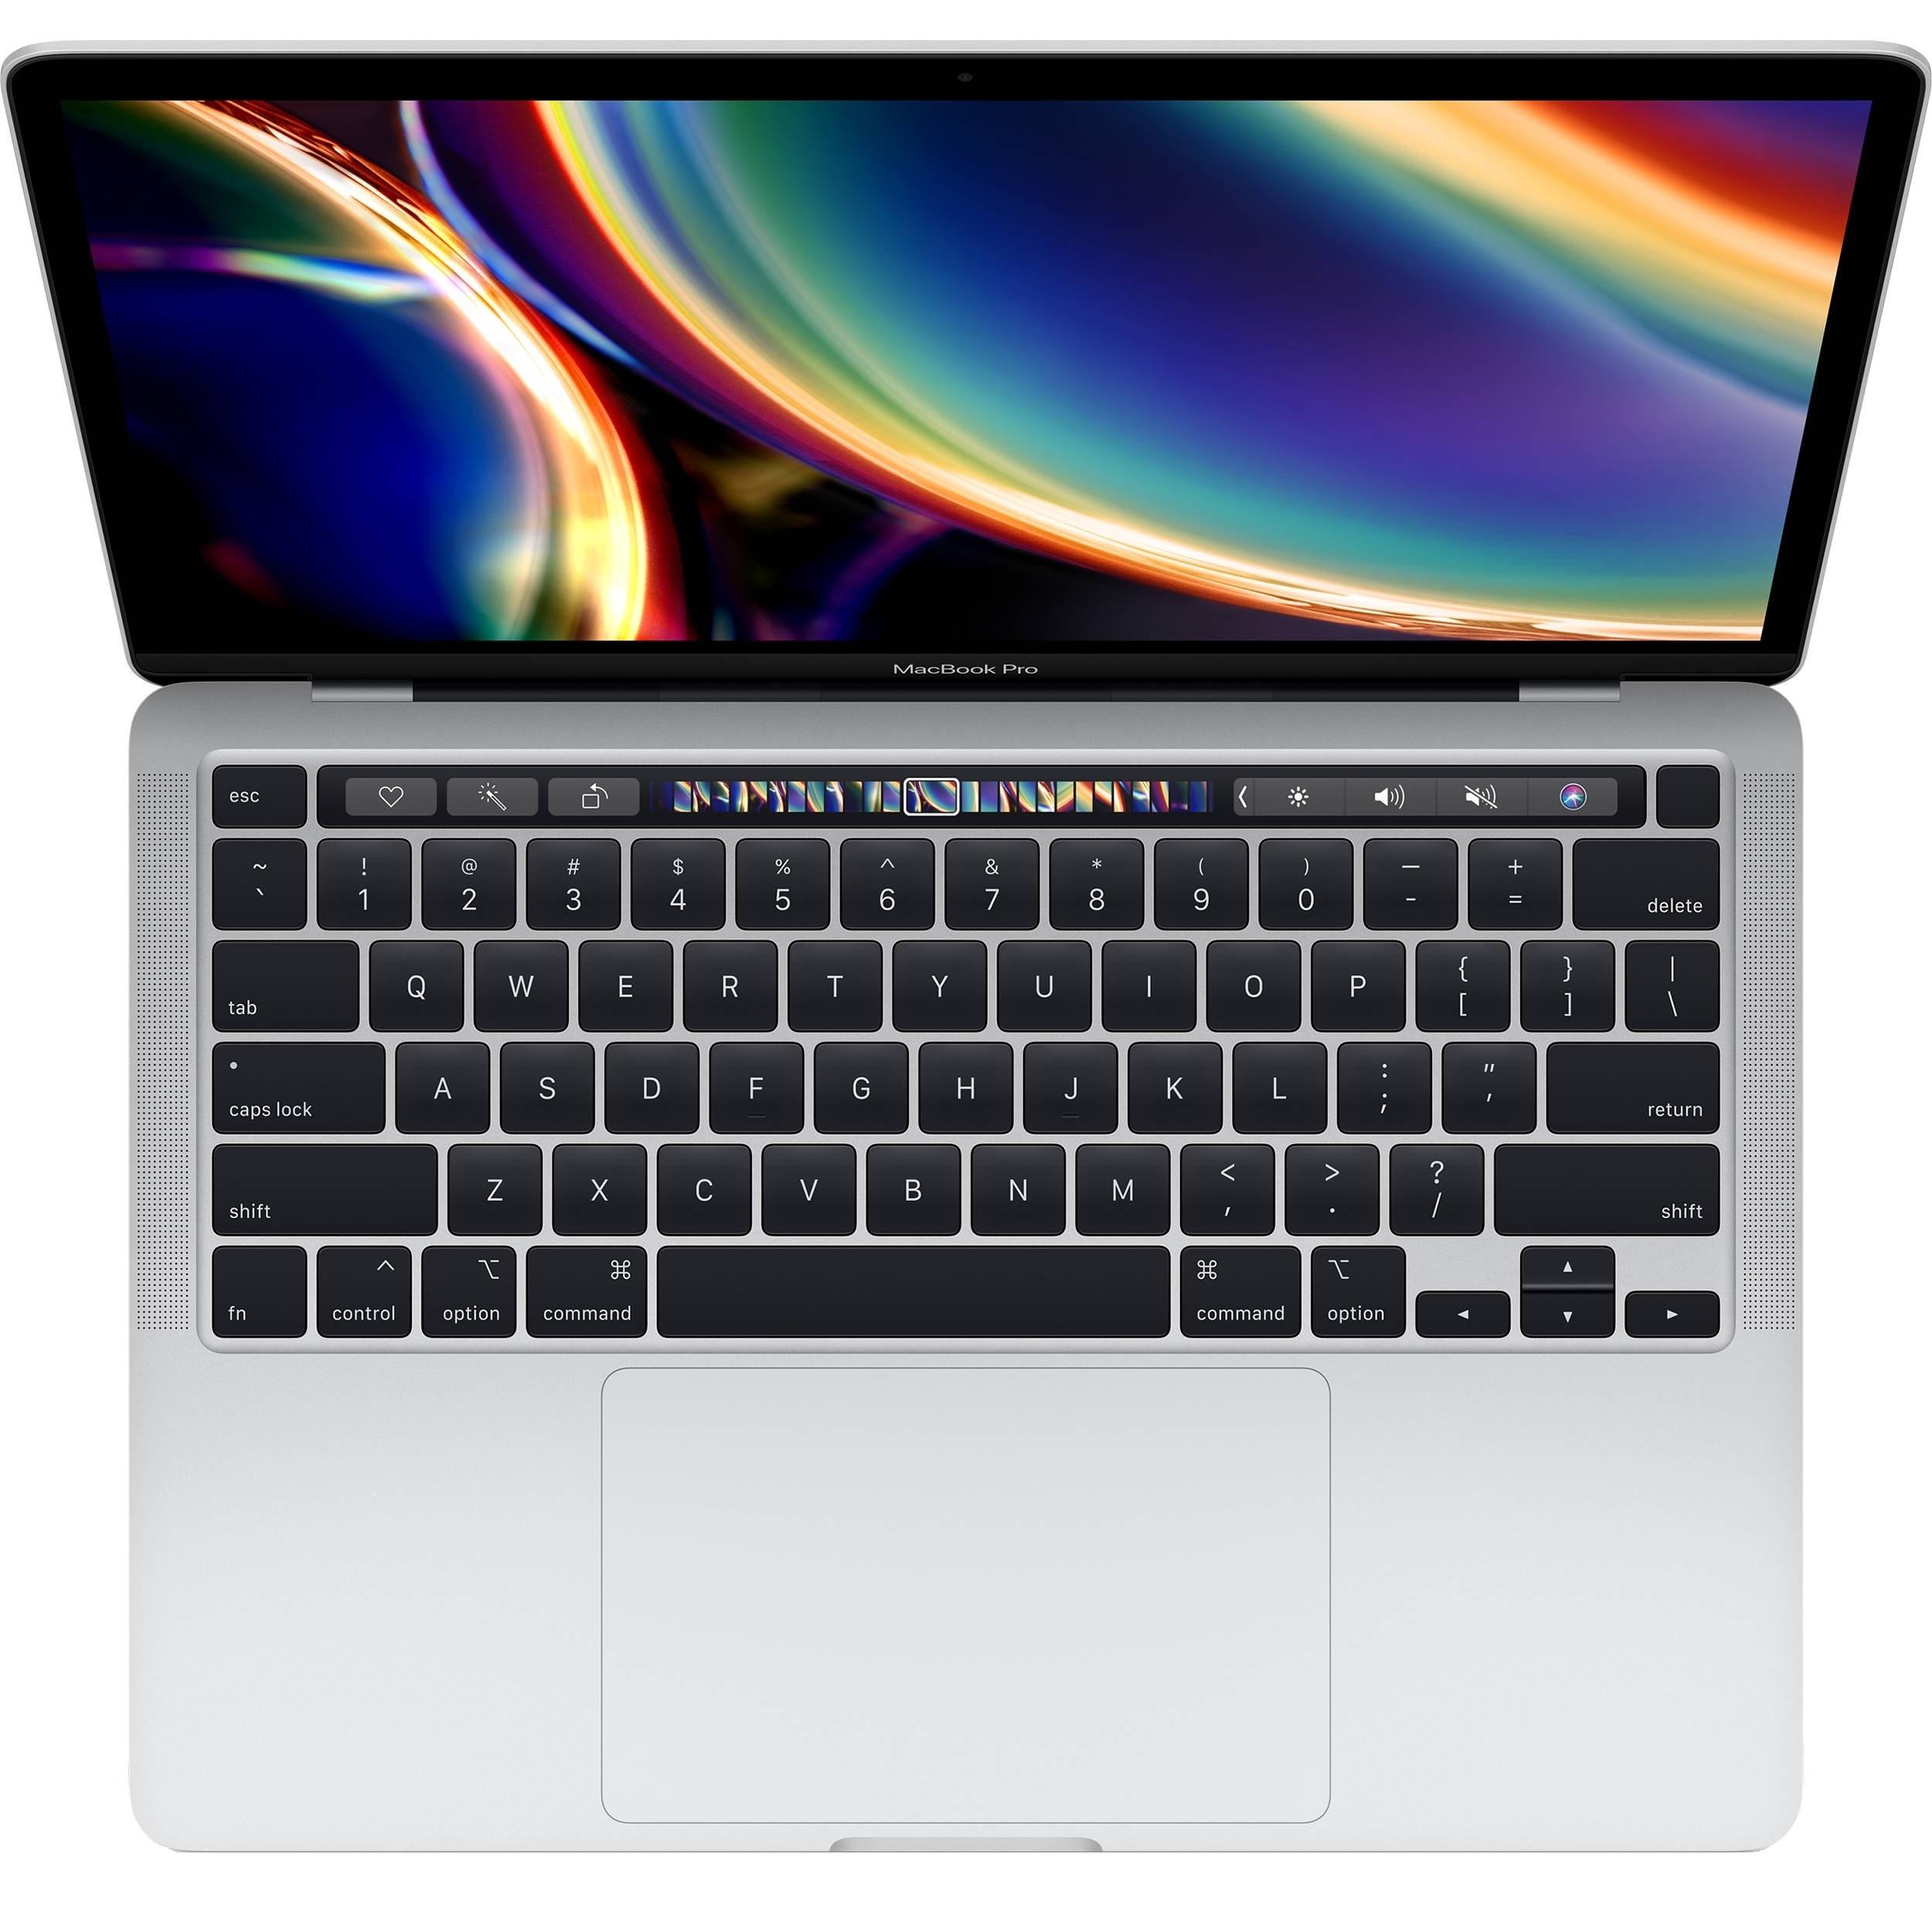 لپ تاپ 13 اینچی اپل مدل MacBook Pro MWP82 2020 همراه با تاچ بار  thumb